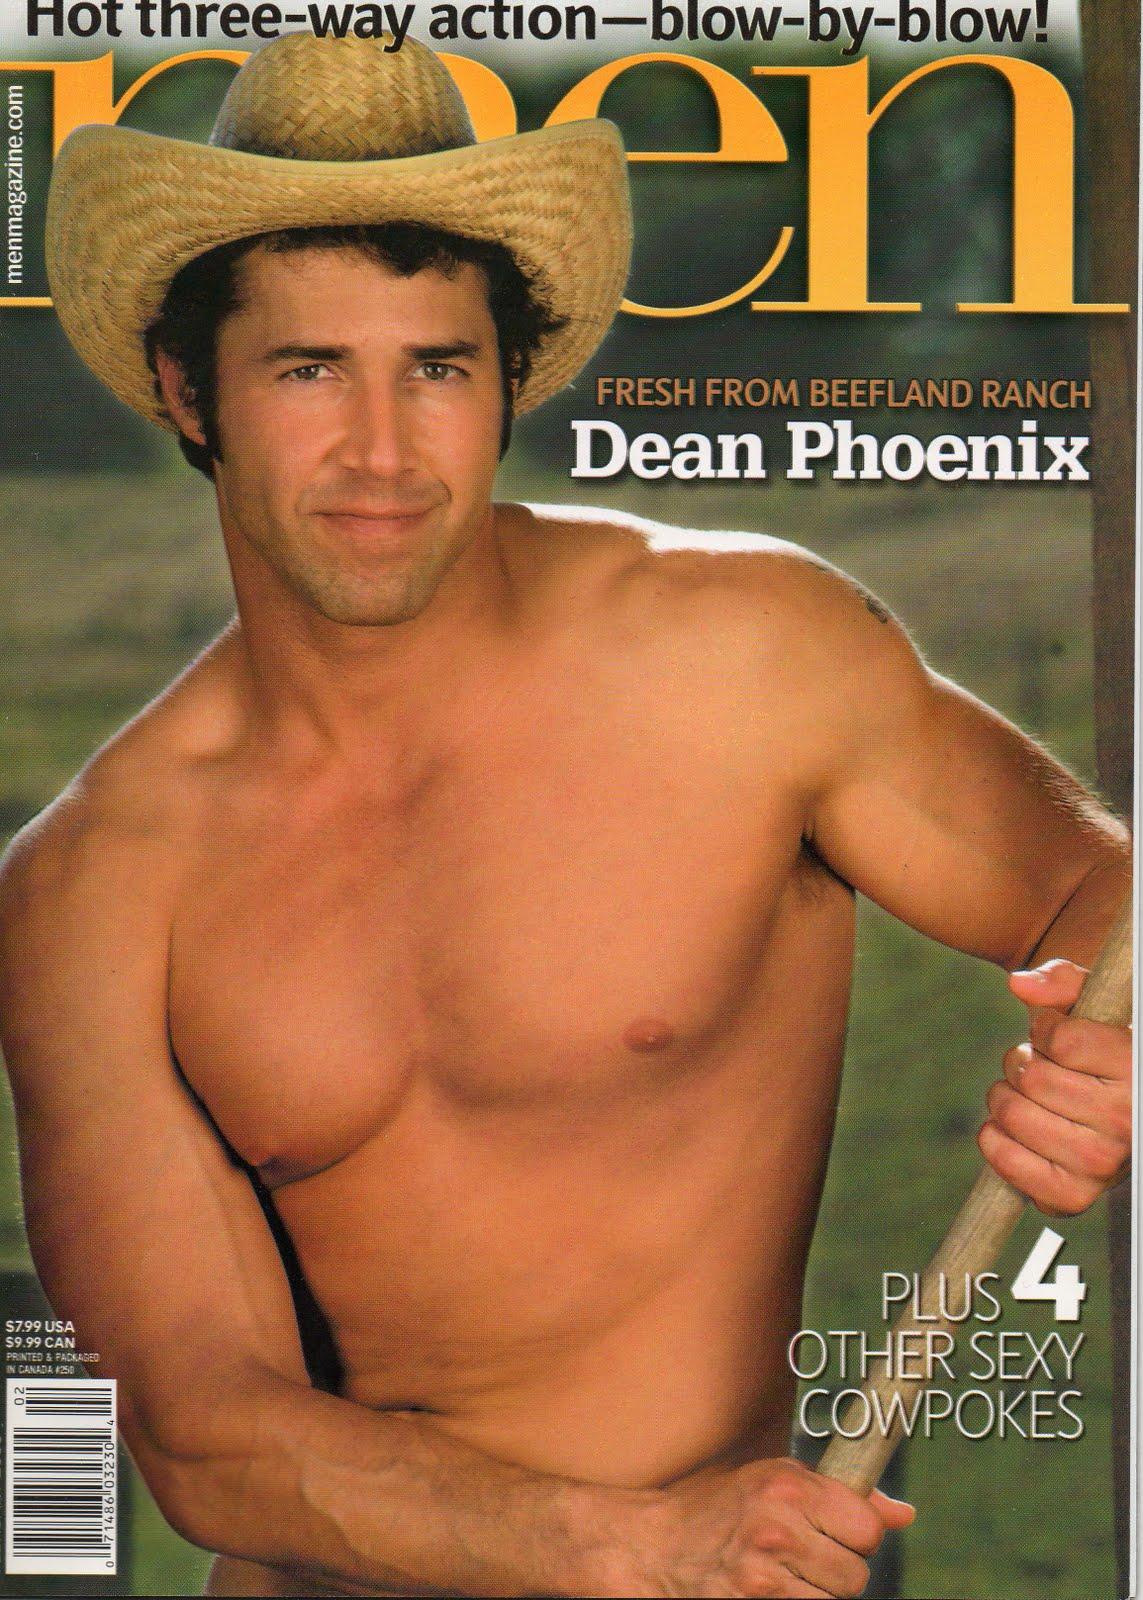 gay magazine man jpg 1500x1000